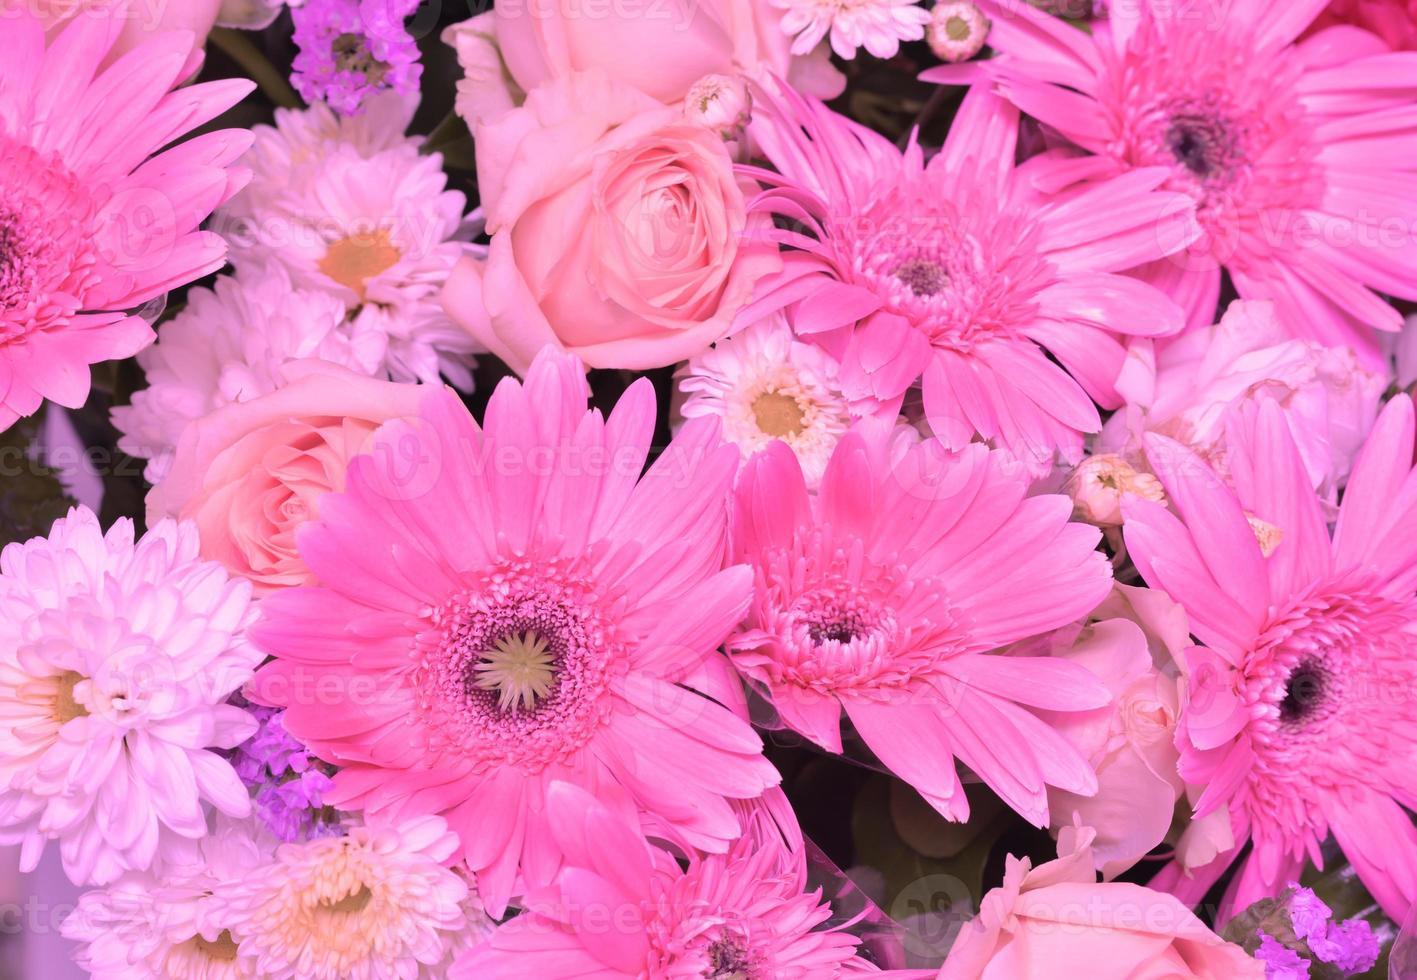 rosa Ton von verschiedenen Blumen, Gerbera, Lilie, Rosen, Chrysantheme Natur Hintergrund foto